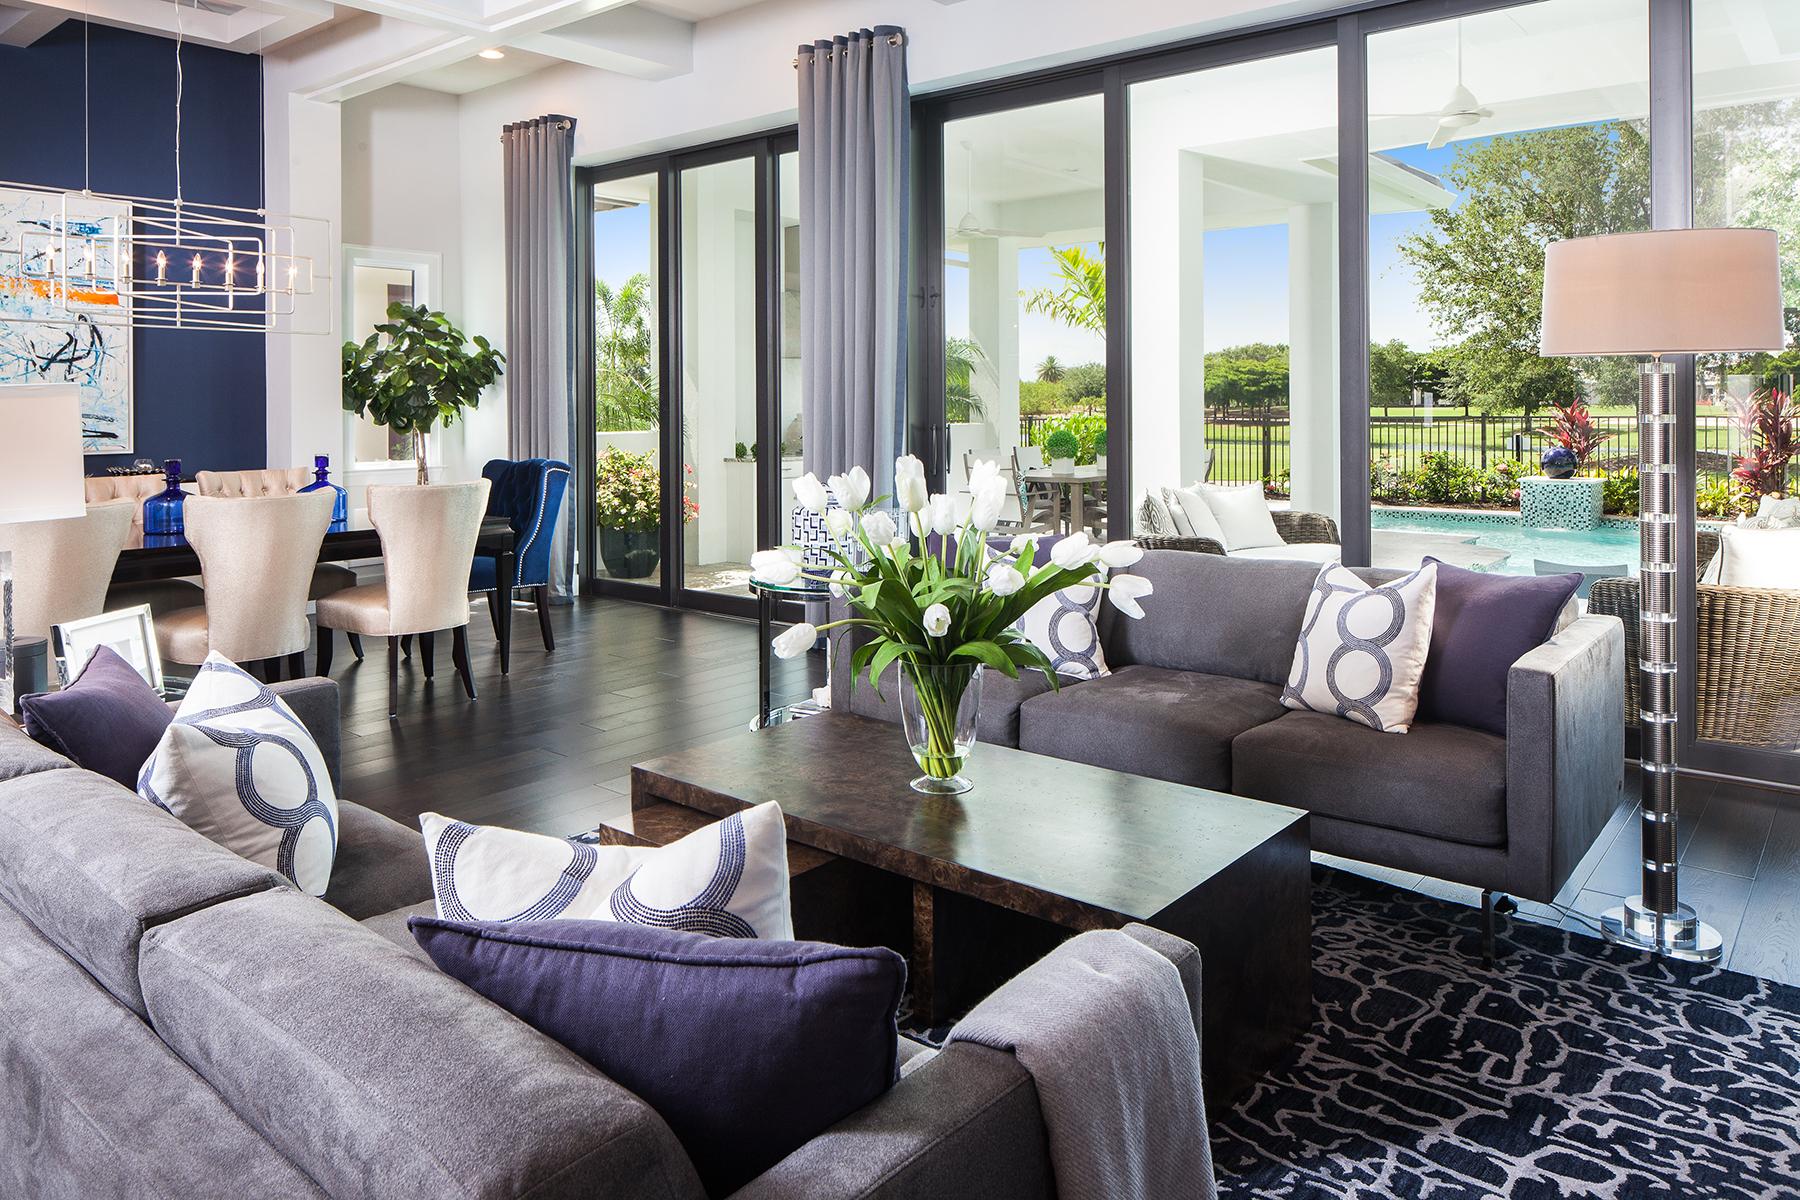 Villa per Vendita alle ore TALIS PARK - BRIGHTLING 16836 Brightling Way Naples, Florida, 34110 Stati Uniti